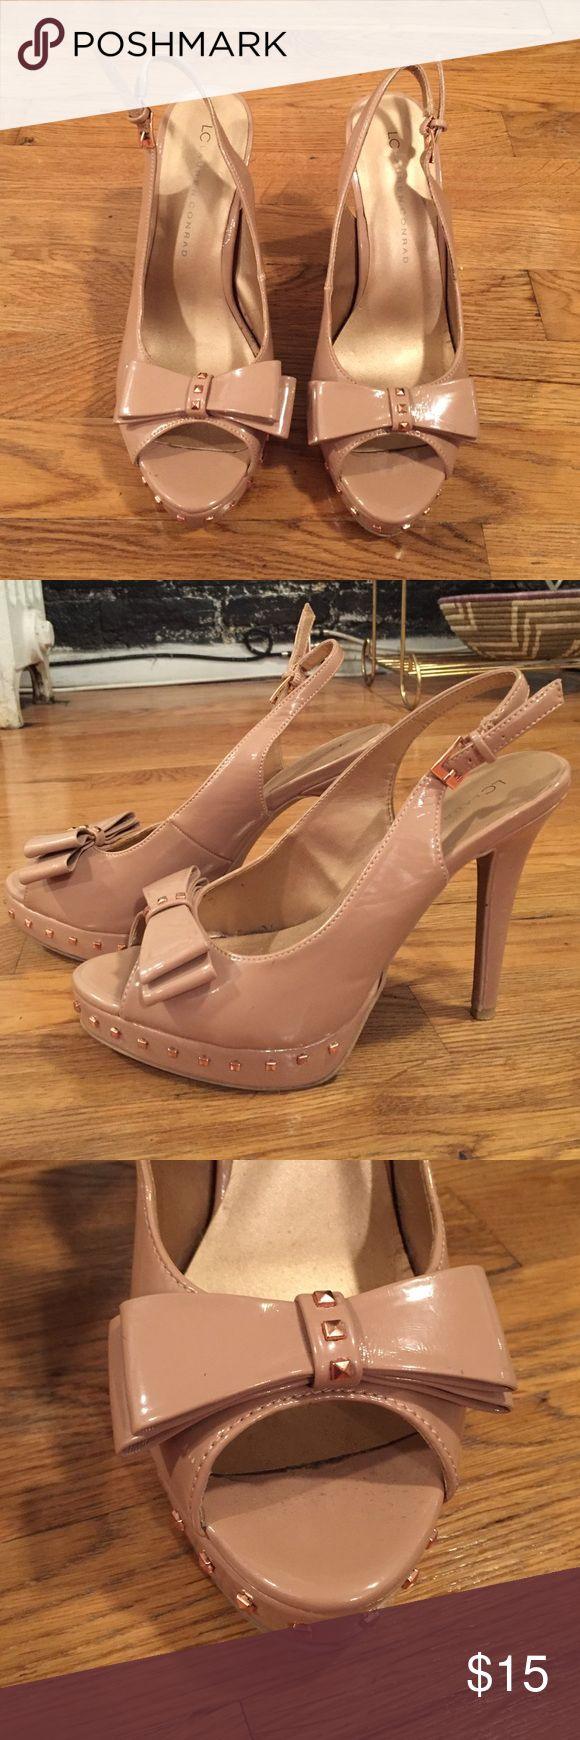 LC Lauren Conrad Nude Heels Size 8.5 LC Lauren Conrad open toe nude heels with rose gold stud embellishments and bow. Minimal wear. LC Lauren Conrad Shoes Heels